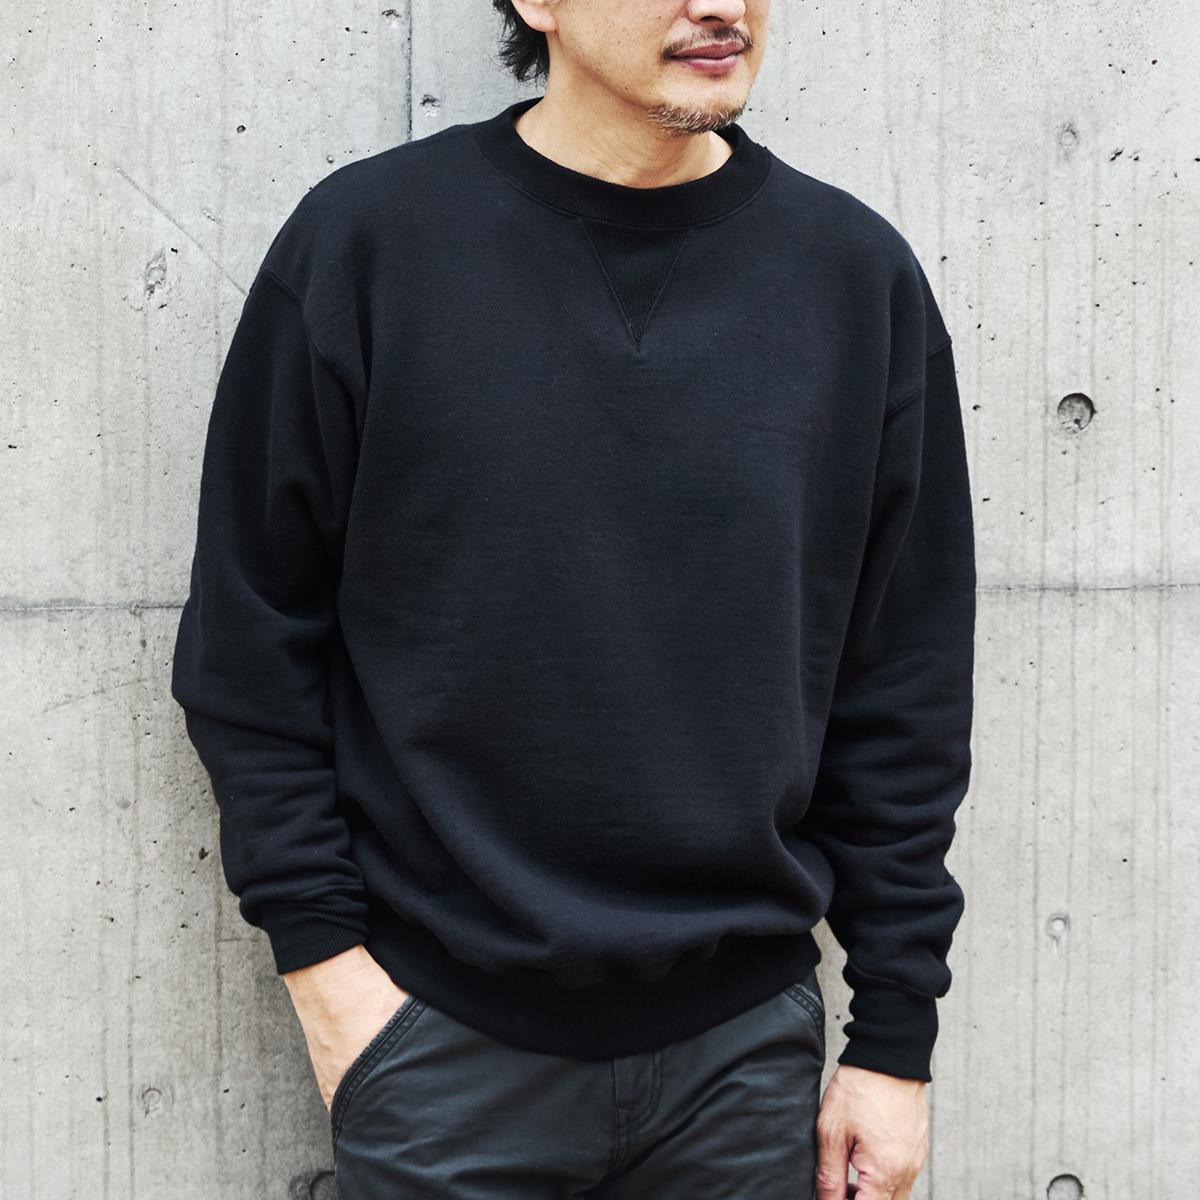 吊り編み機によって、ゆっくりと丹念に編み上げることで、手編みのようなふっくらとした風合いが生まれた。スポルディング社の名作から、現存していない「ブラック」をMade in Japanで「トレーニングシャツ」|A.G. Spalding & Bros